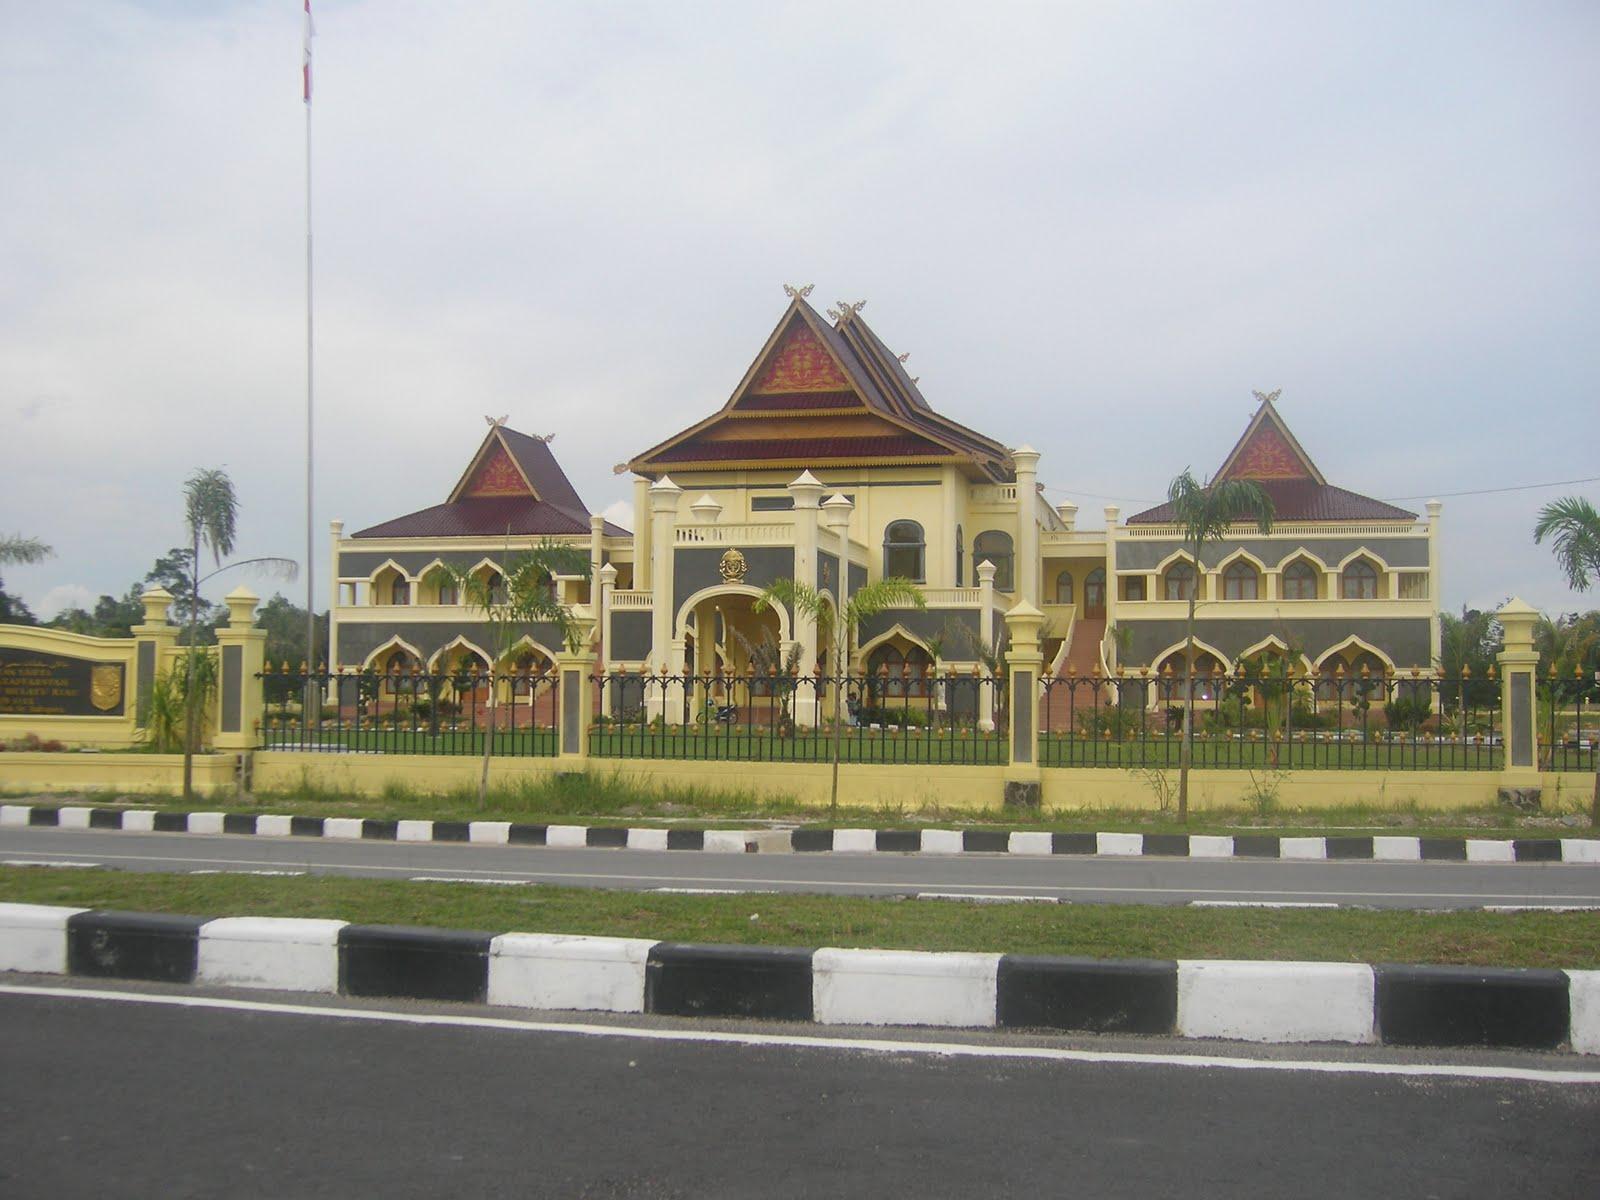 Kumpulan Balai Adat Melayu Riau Irfansyahputra Desain Rumah